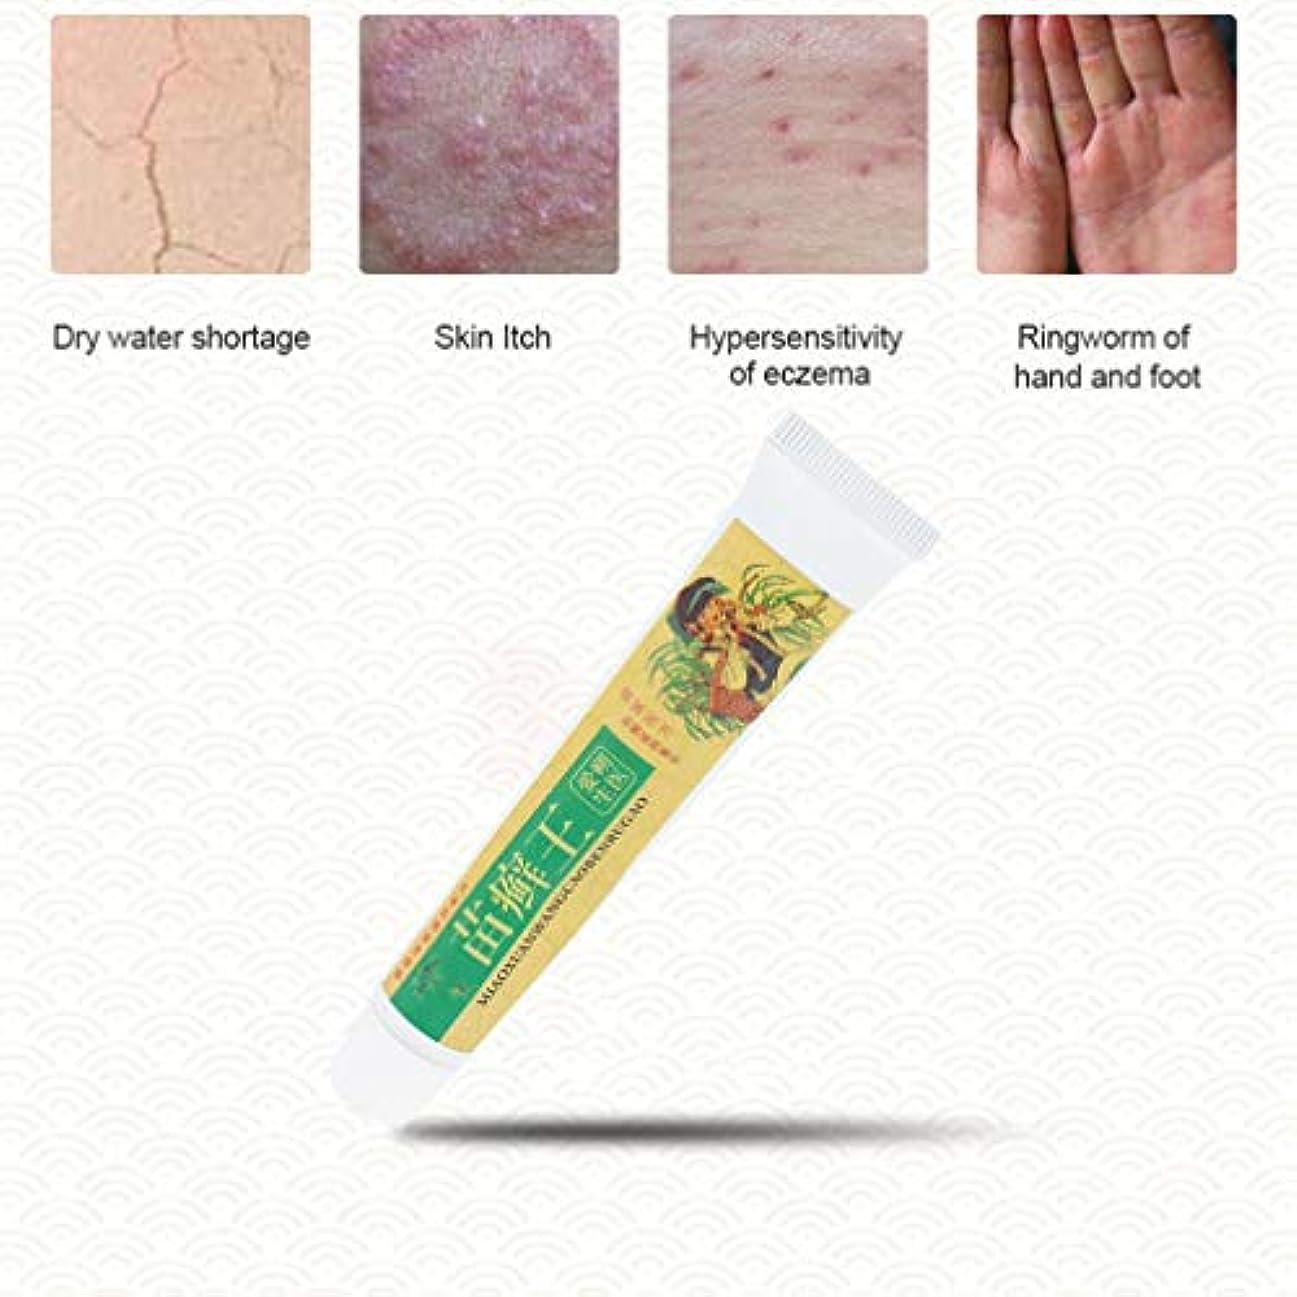 蜜拒絶元気な草のかゆみ止めのクリームの医学の皮膚炎の処置ボディスキンケア